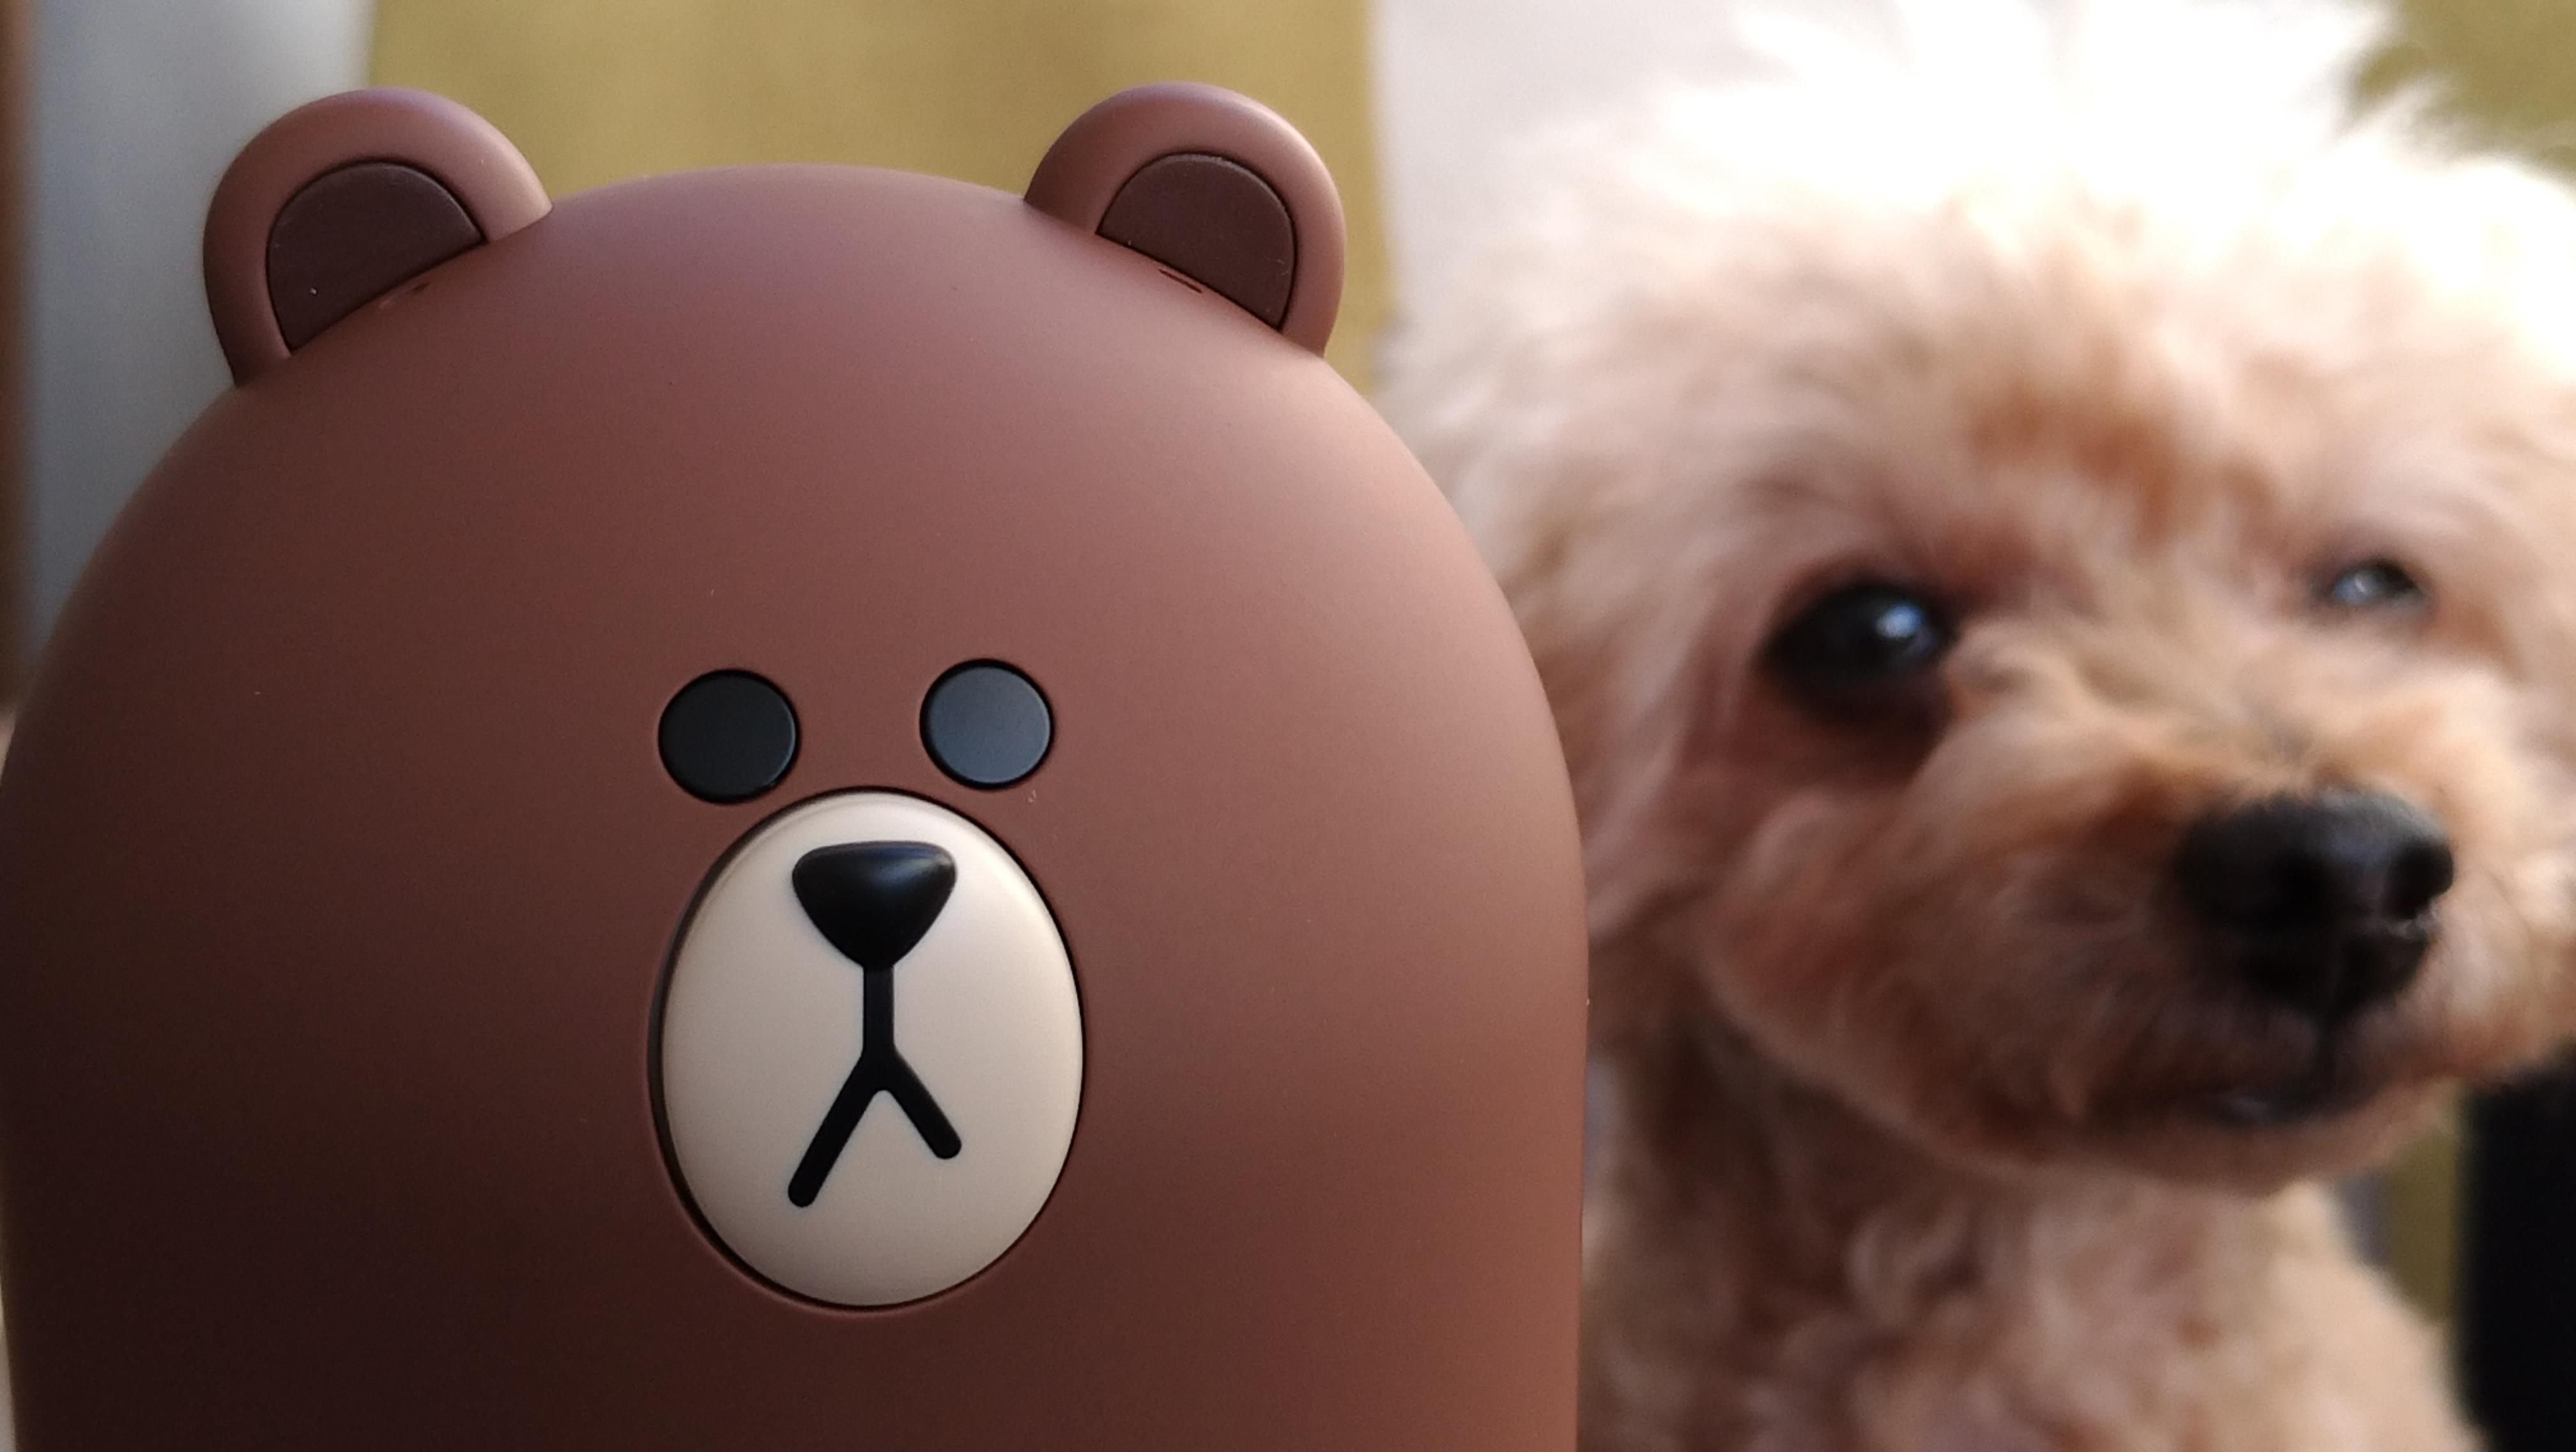 凛とした顔をするブラウン君と愛犬